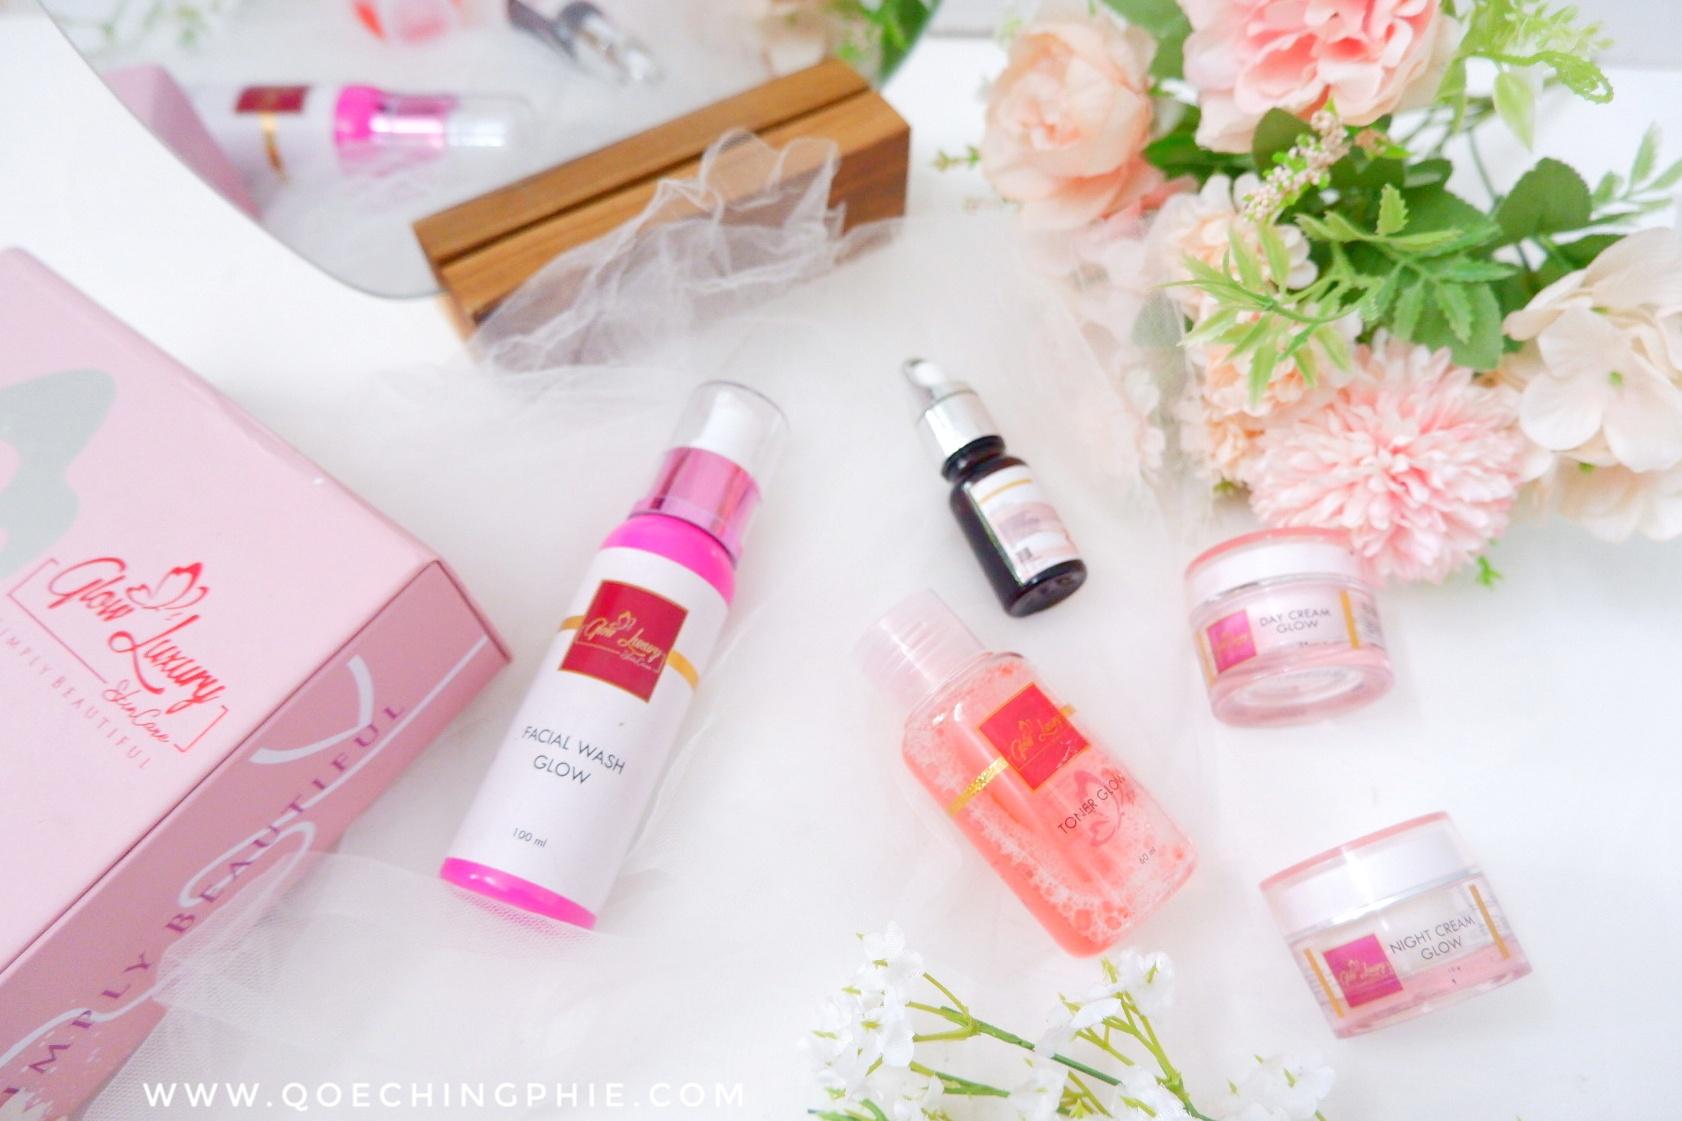 Review Jujur ! Glow Luxury Skincare, skincare aman BPOM yang aman untuk ibu hamil dan Menyusui